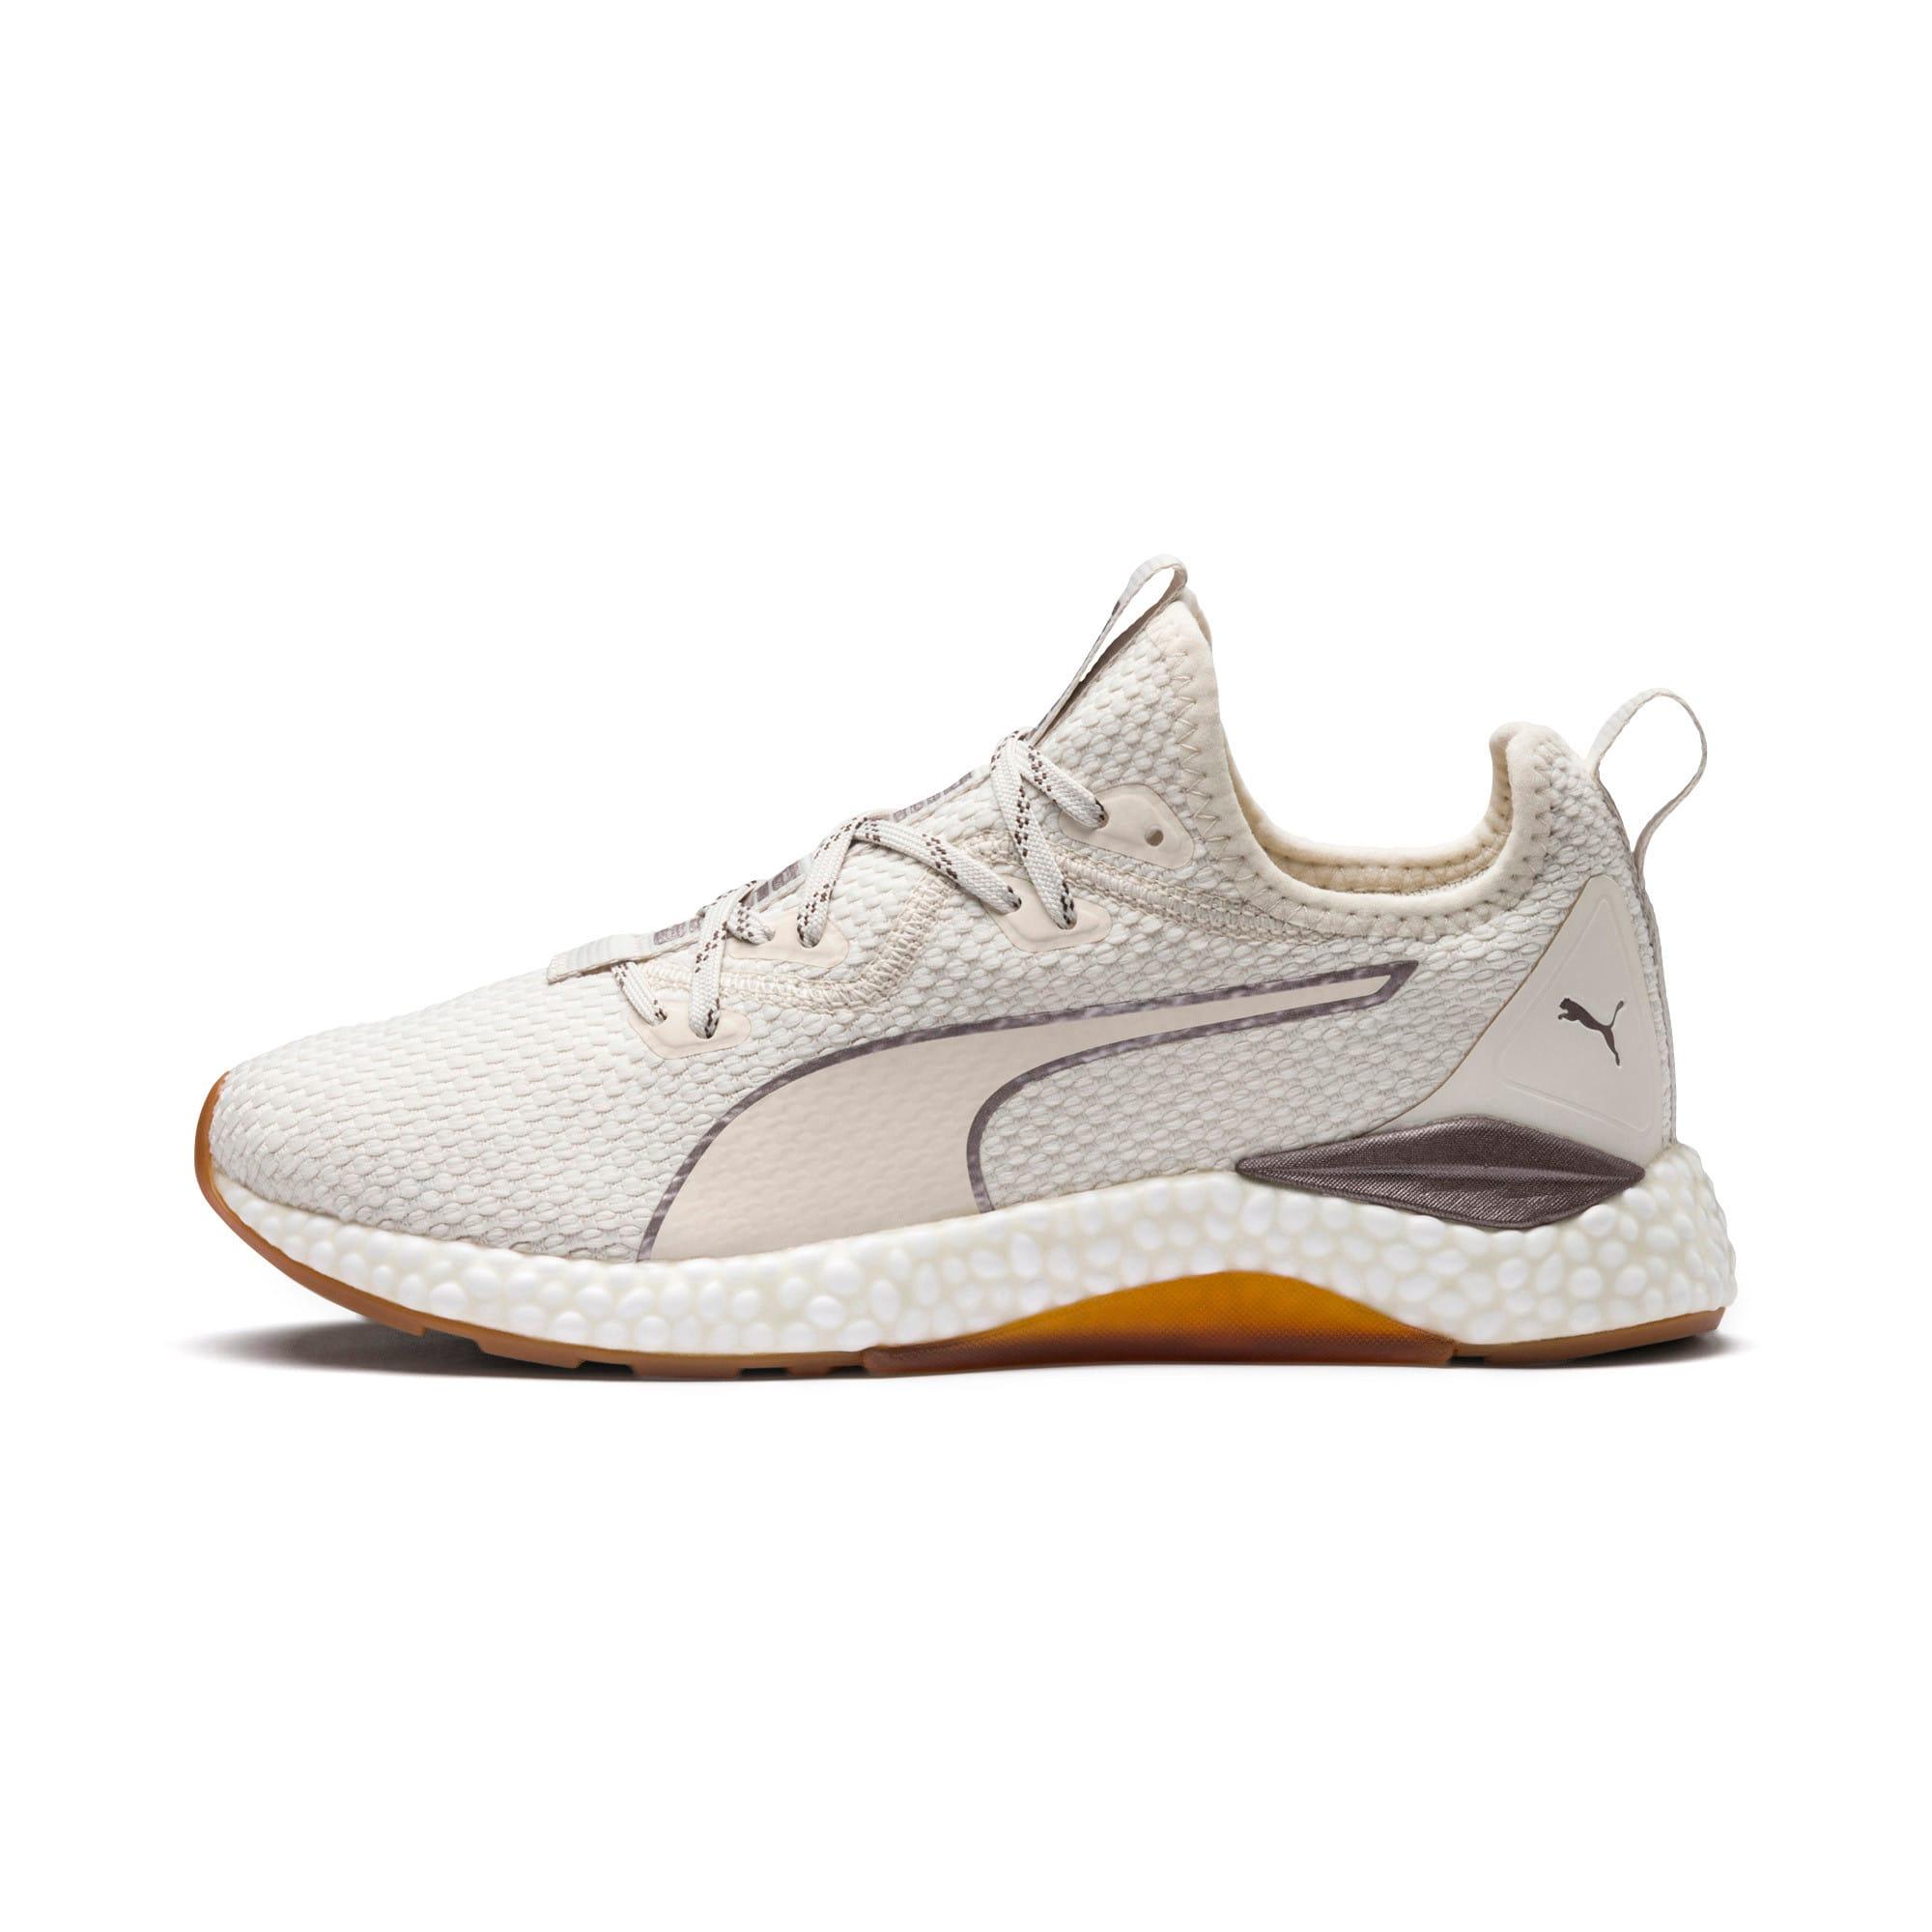 Thumbnail 1 of HYBRID Runner Luxe Women's Running Shoes, Whisper White-Puma White, medium